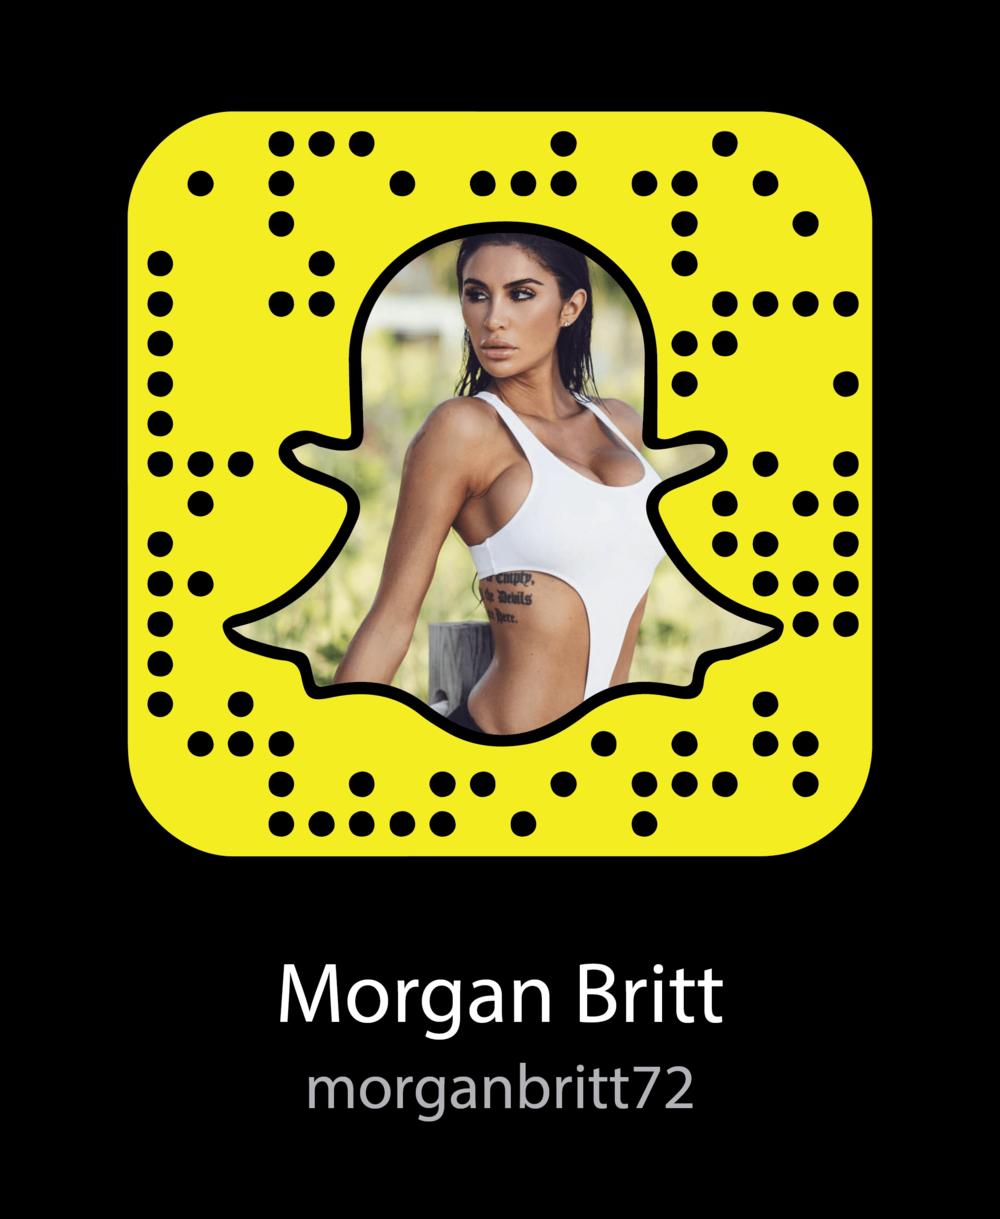 morgan-britt-sexy-snapchat-snapcode